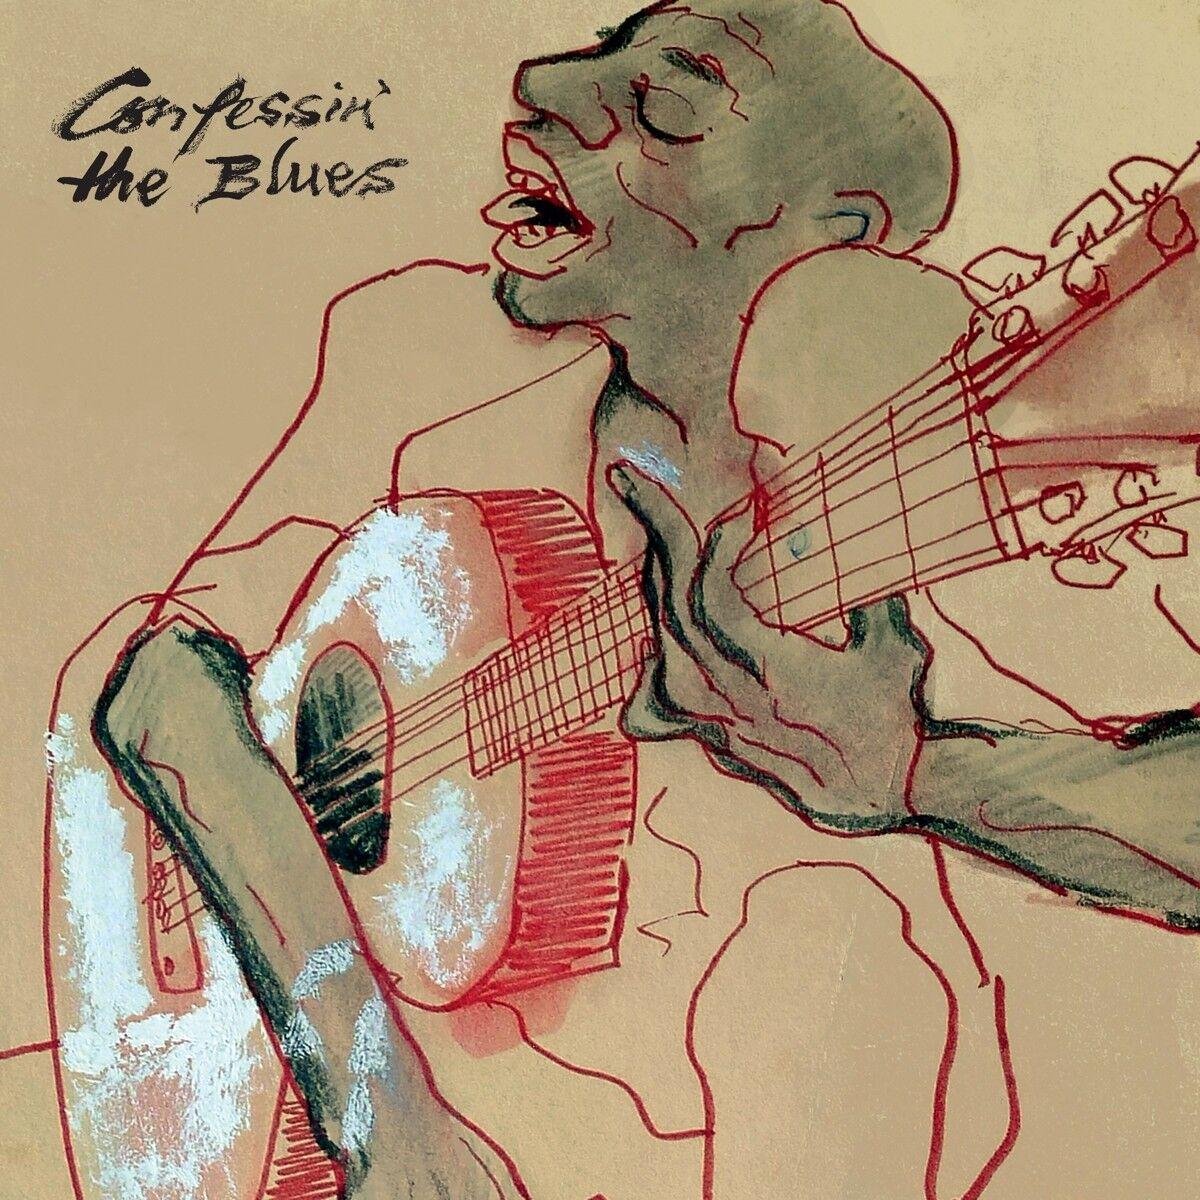 """Résultat de recherche d'images pour """"confessin the blues"""""""